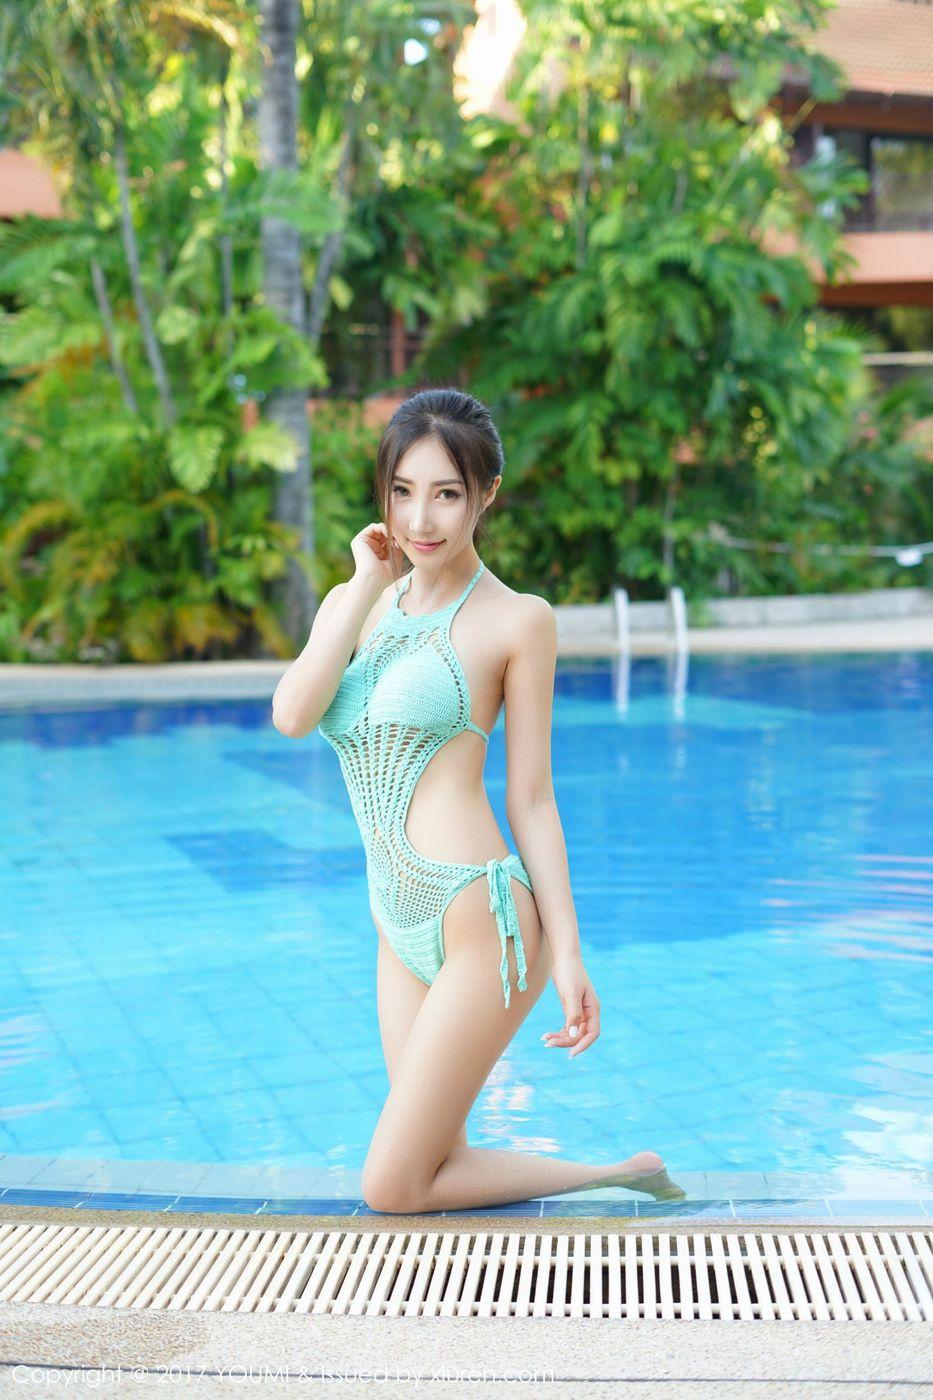 [YOUMI尤蜜荟] 性感女神Yumi尤美泳池比基尼黑色情趣透视装普吉岛旅拍第一套 Vol.053